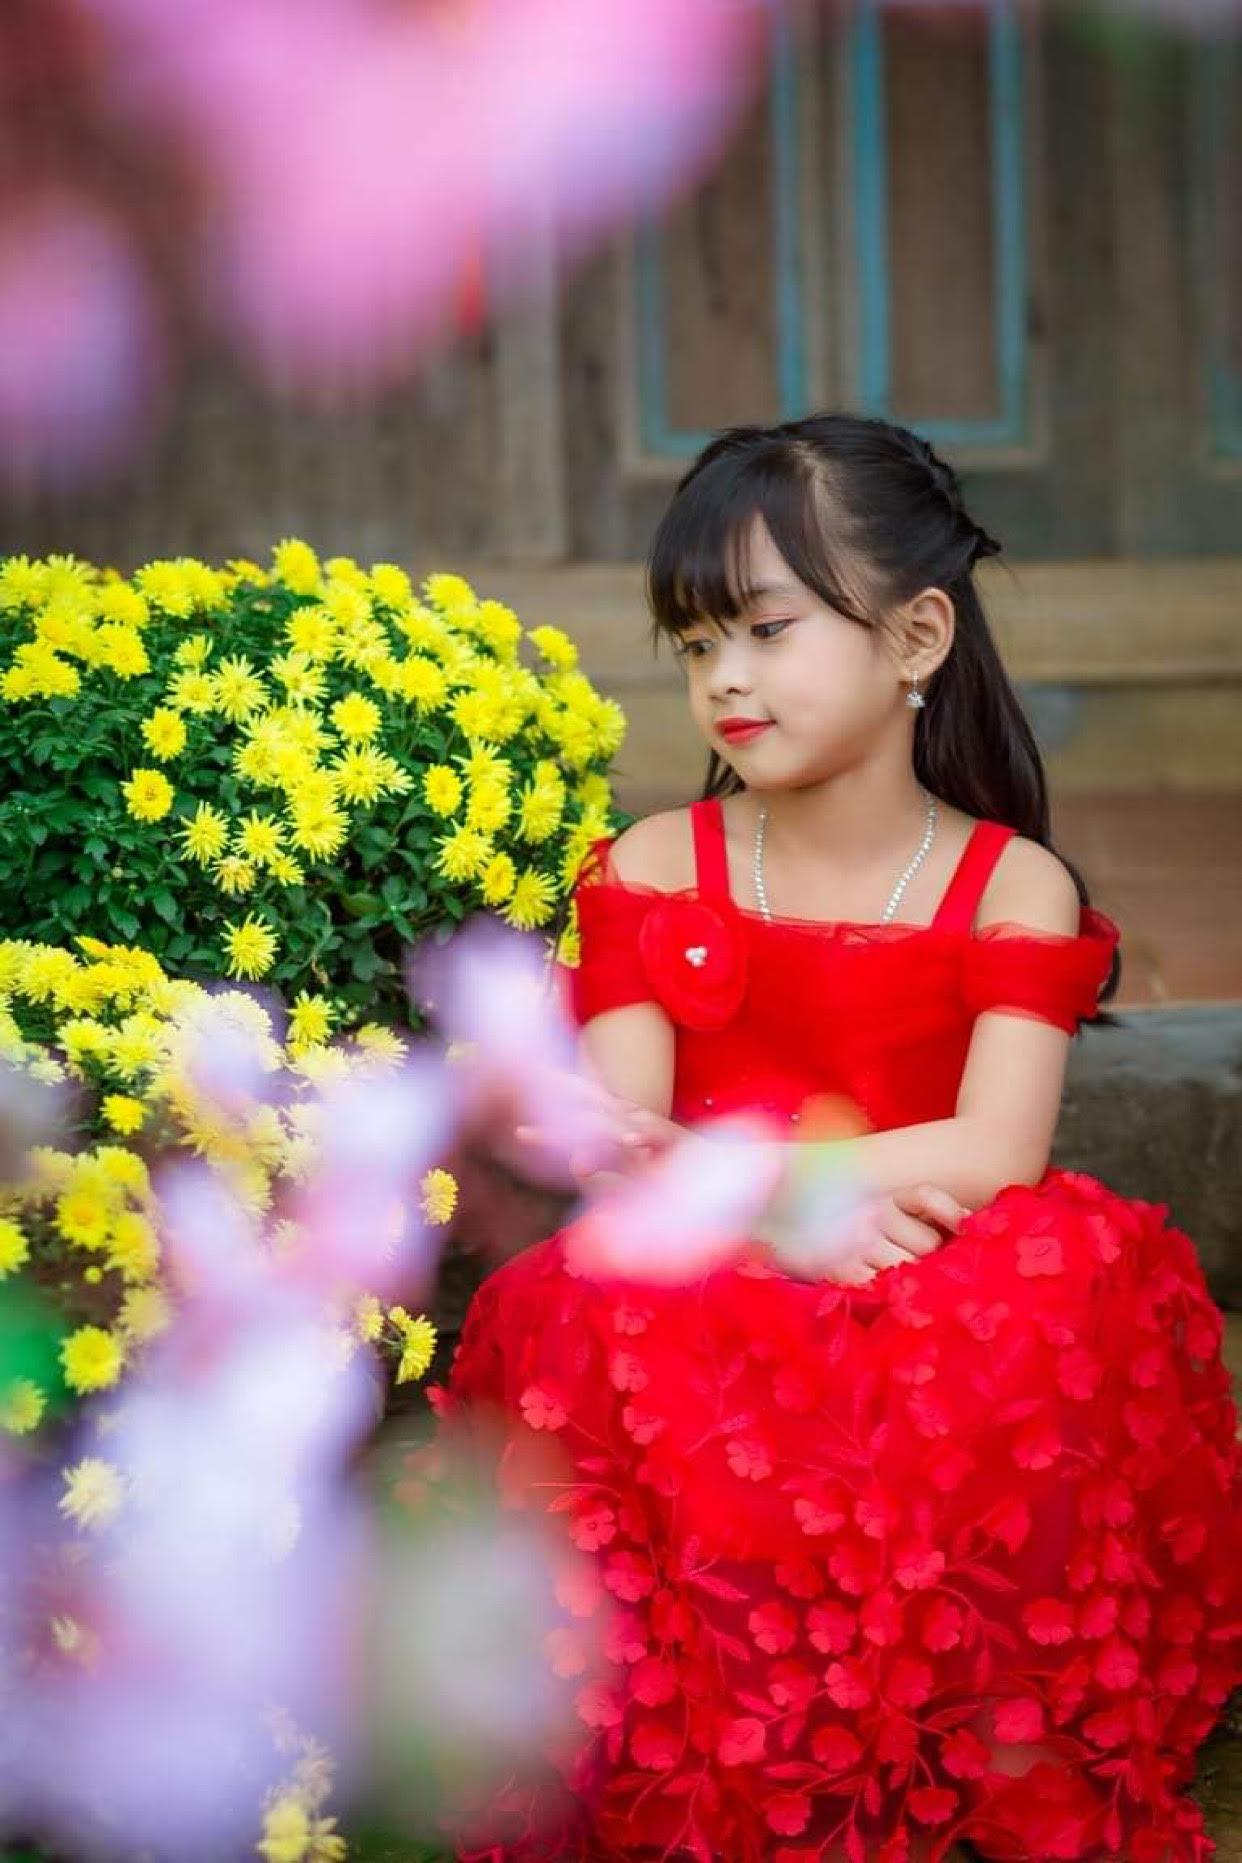 Đặng Phạm Phương Uyên: Bông hoa xinh đẹp tài năng của Vĩnh Phúc - Ảnh 3.